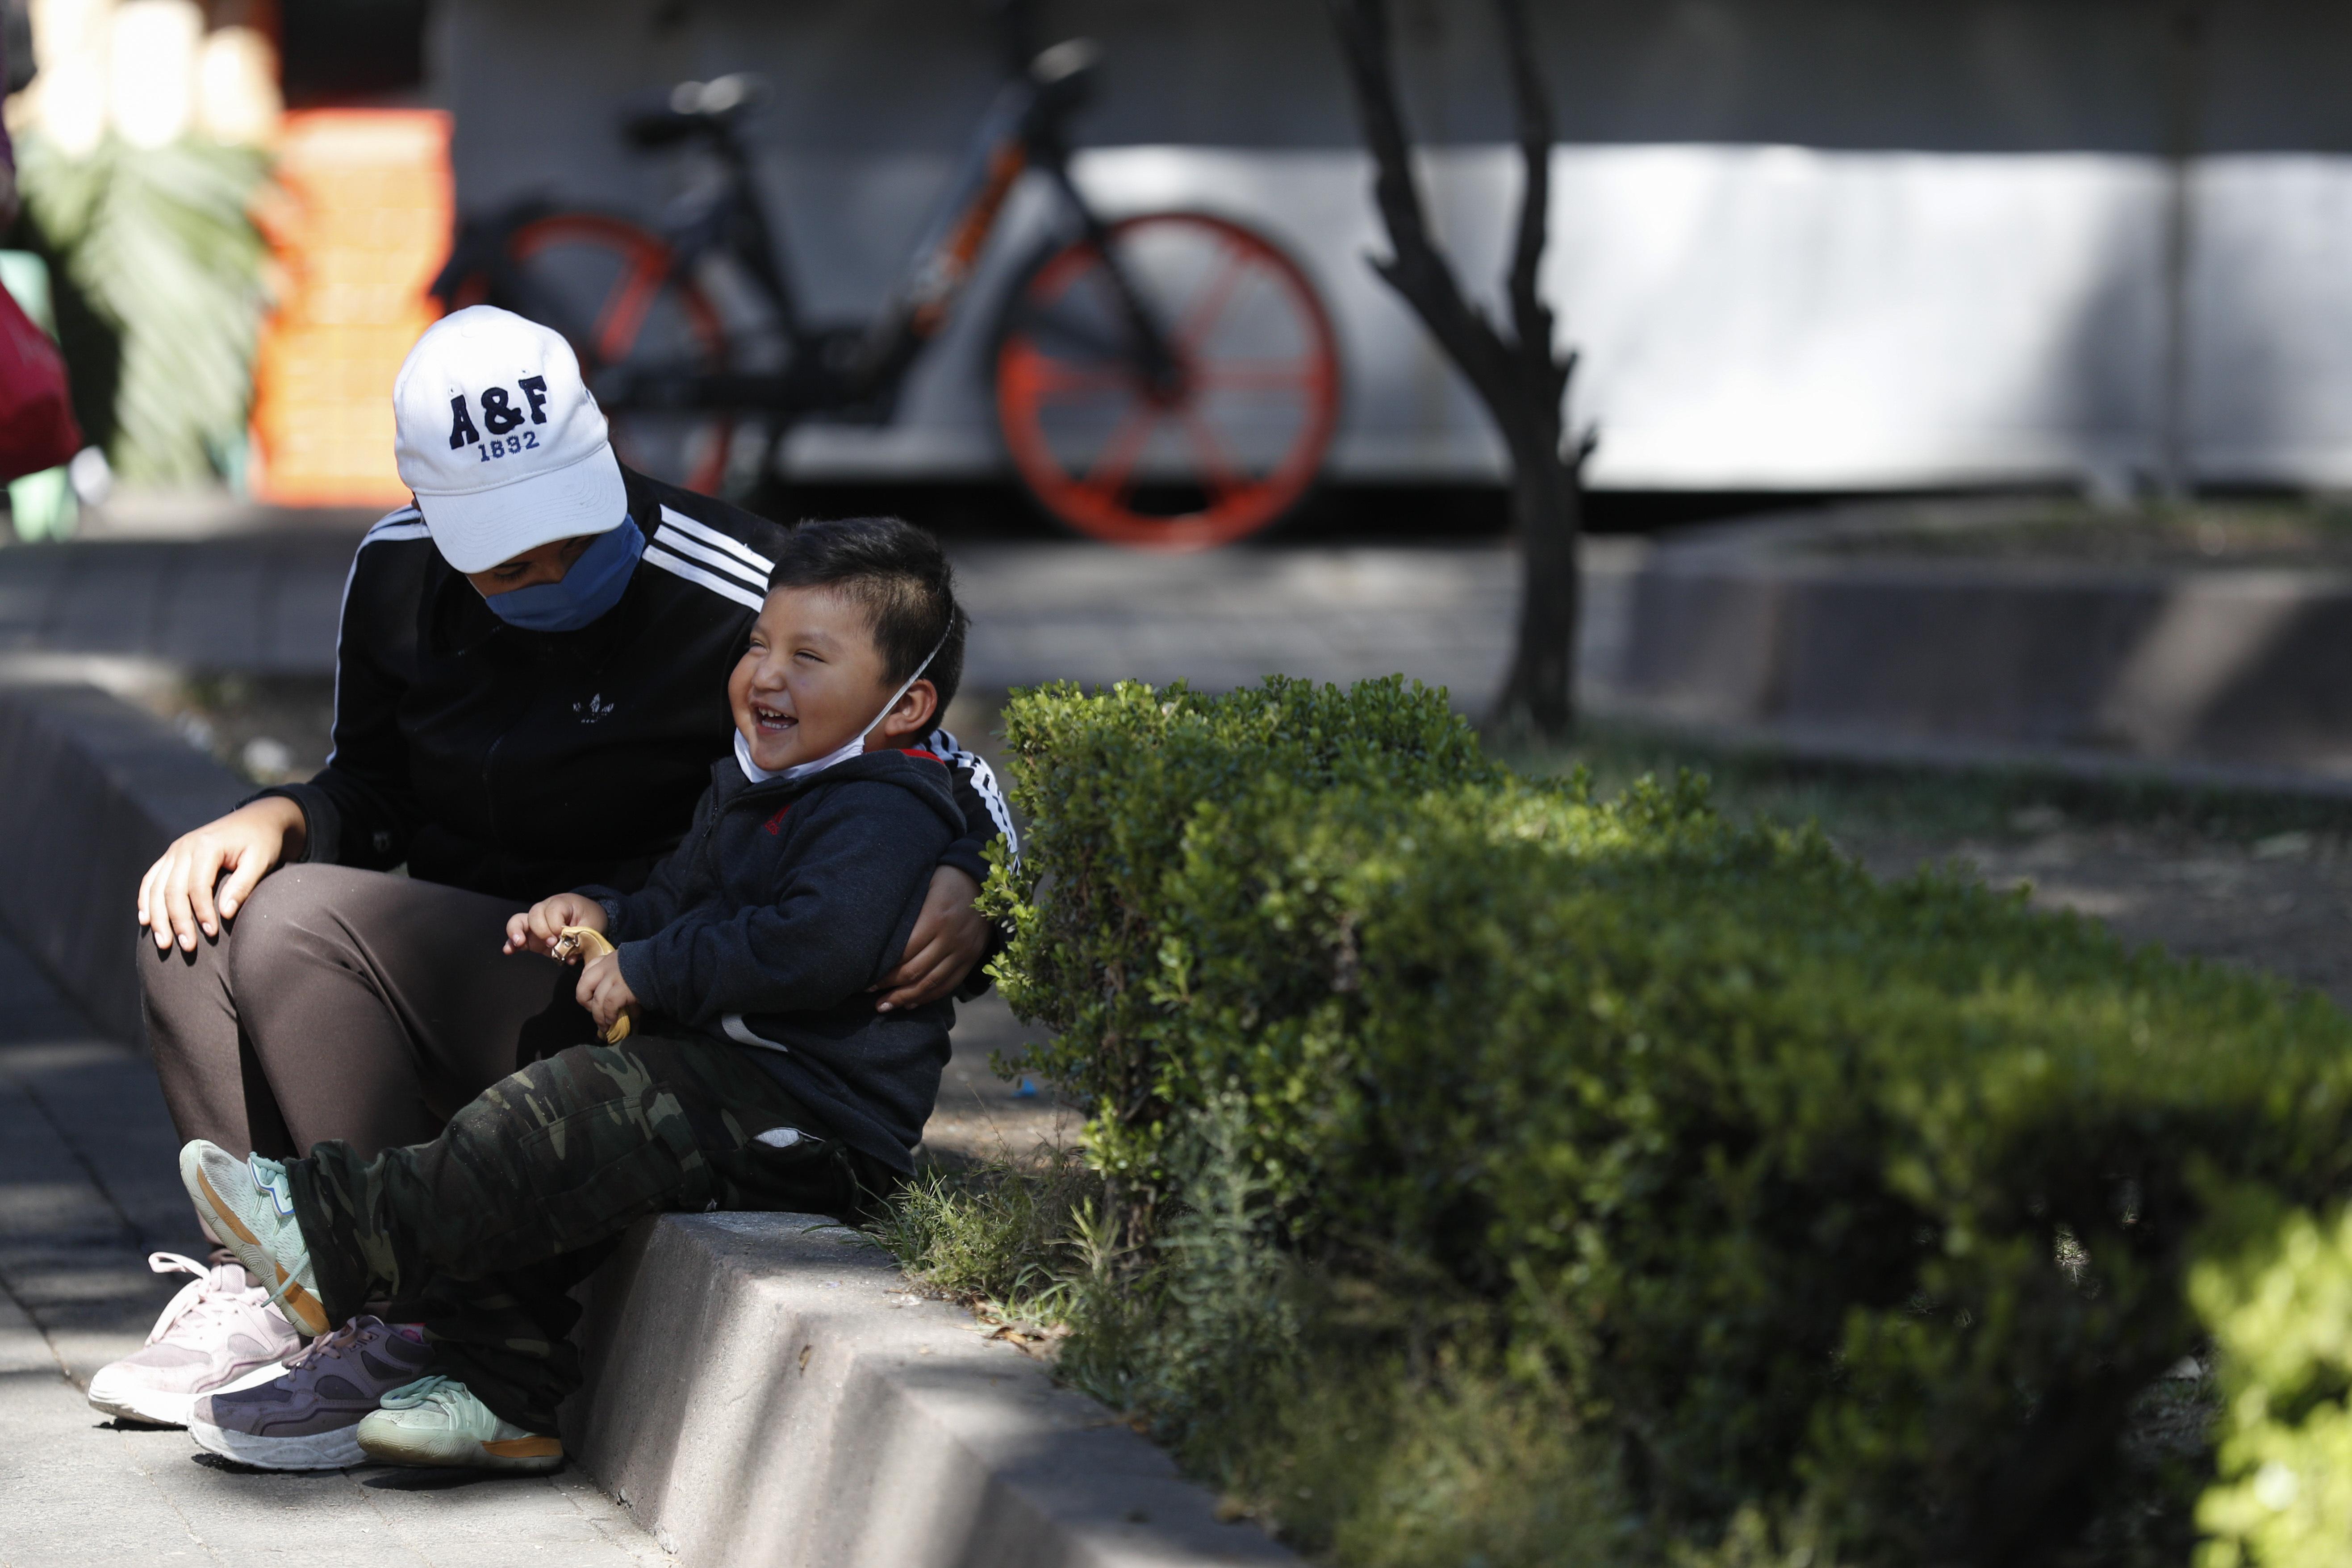 Una mujer, con una máscara facial protectora, y su hijo se sientan en una acera en la Ciudad de México, el miércoles 25 de marzo de 2020.